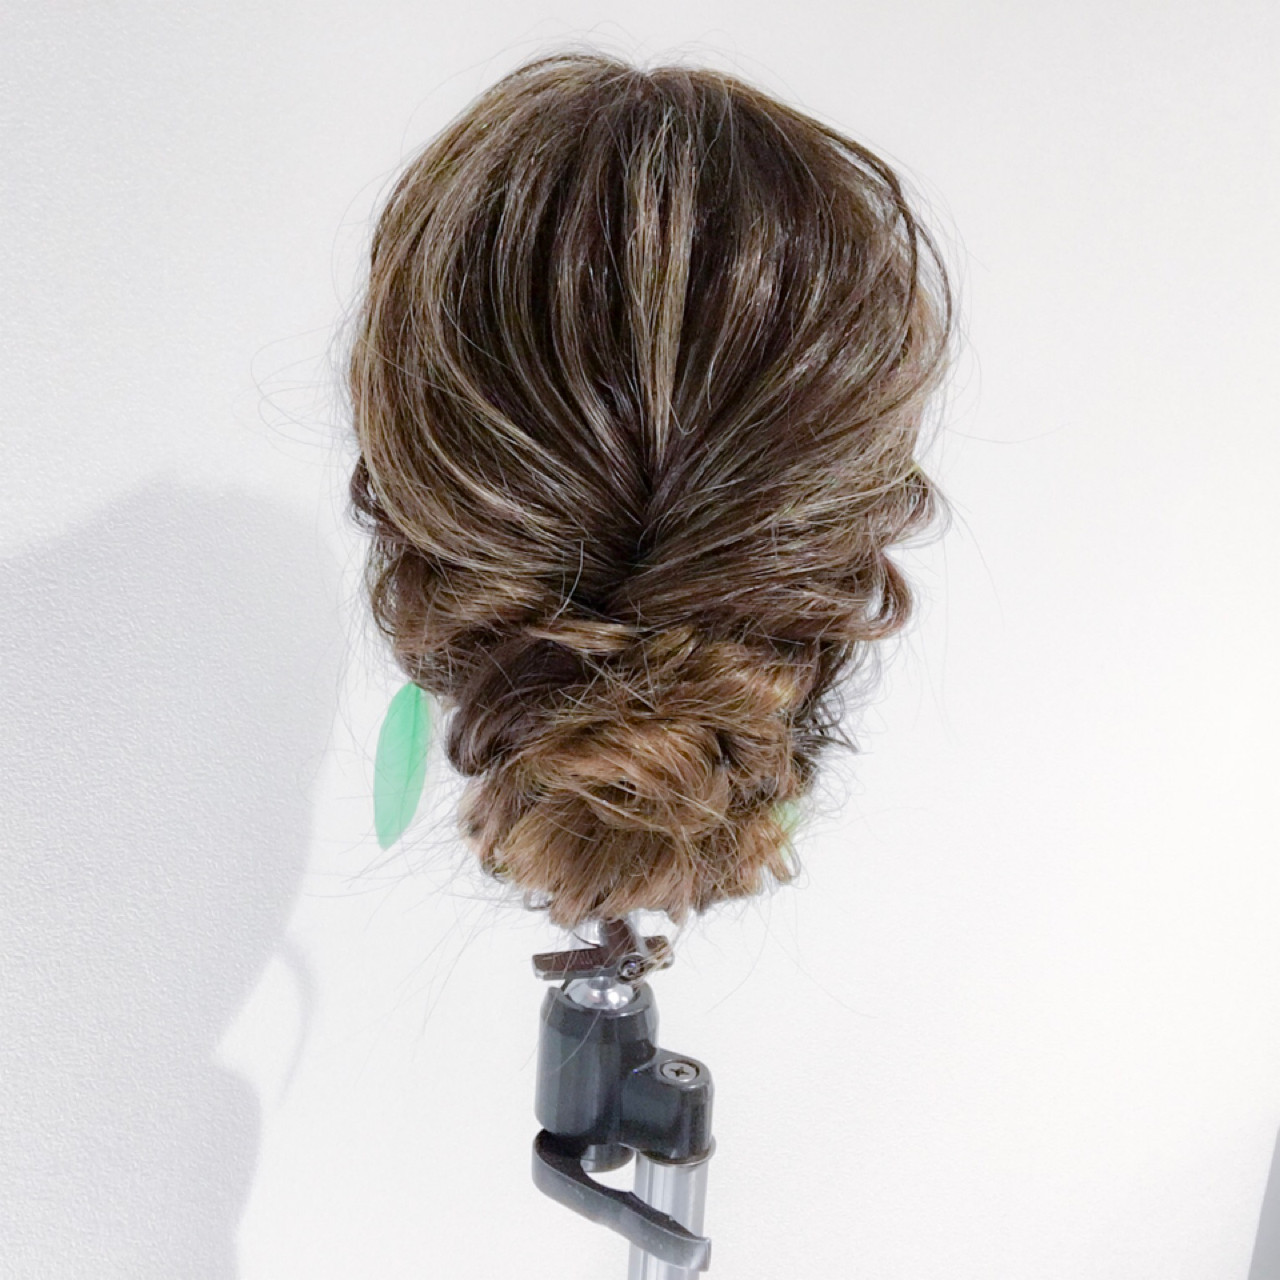 ヘアアレンジ 女子会 デート ロング ヘアスタイルや髪型の写真・画像 | 美容師HIRO/Amoute代表 / Amoute/アムティ